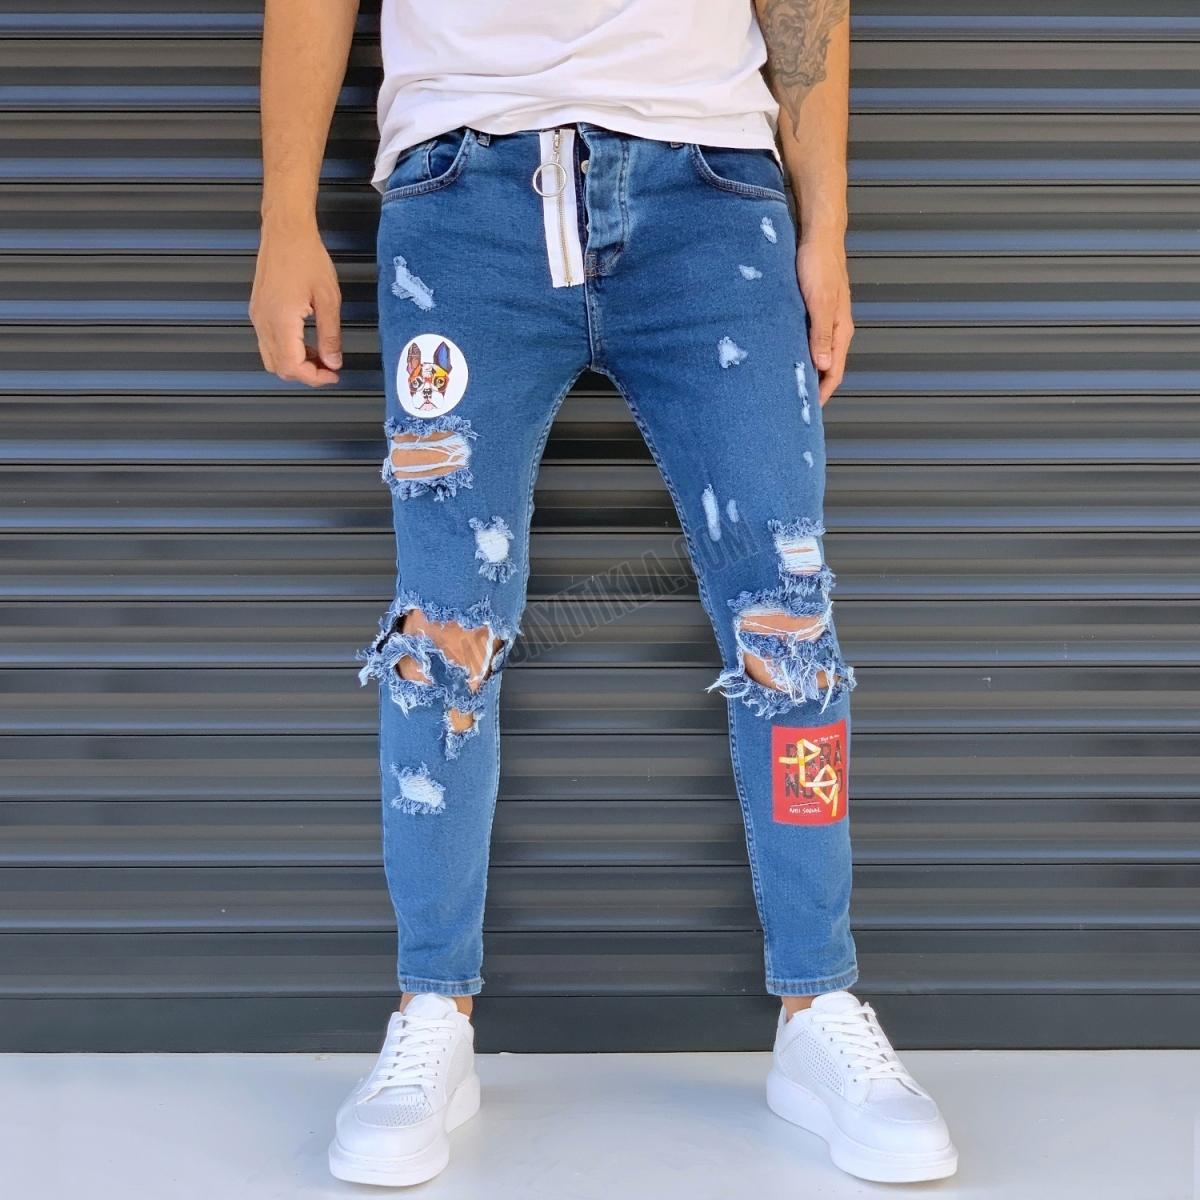 Erkek Freedom Dizi Yırtık Armalı Kot Pantolon Mavi